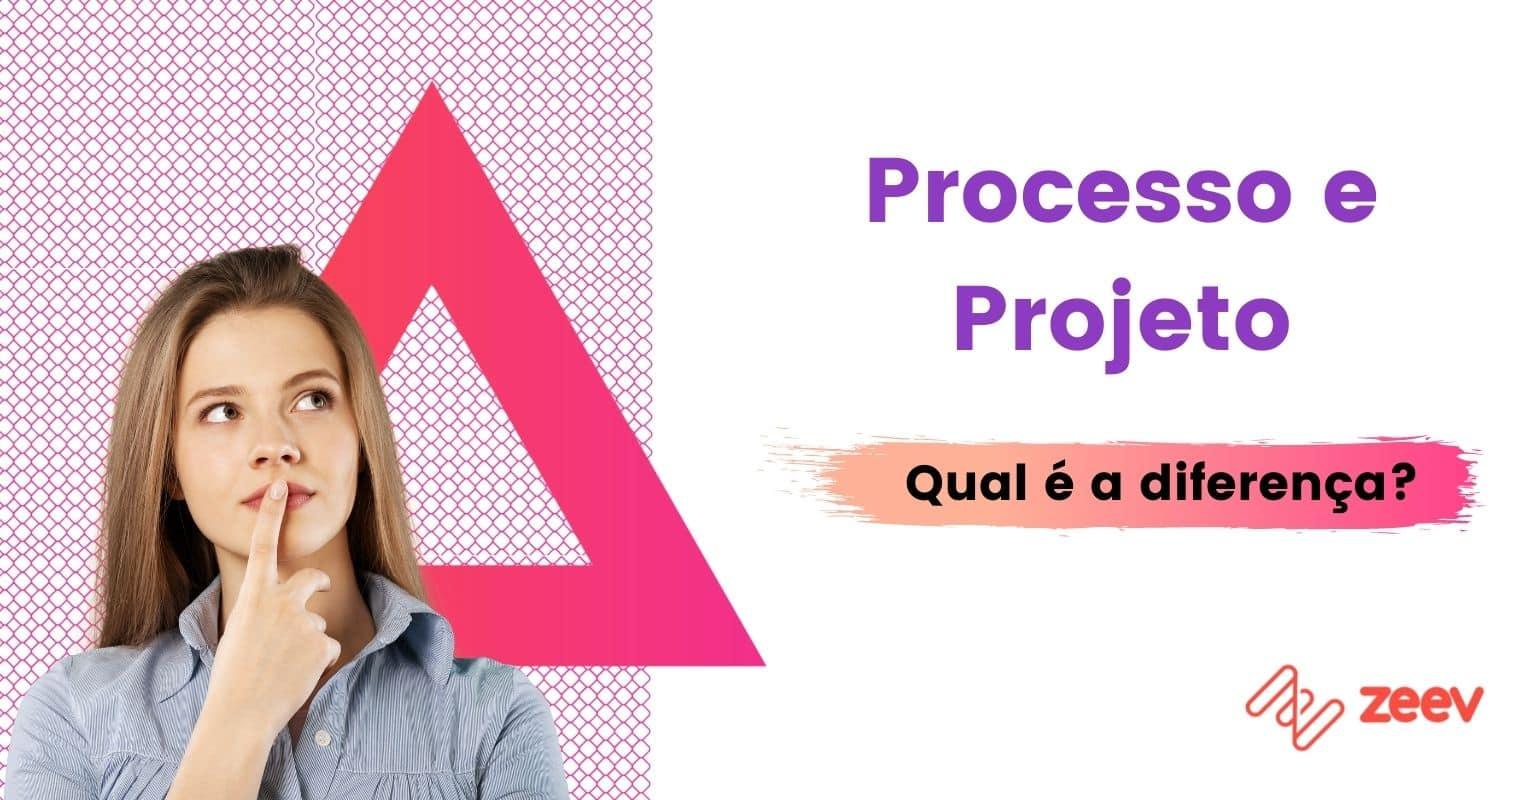 Qual é a diferença entre processo e projeto